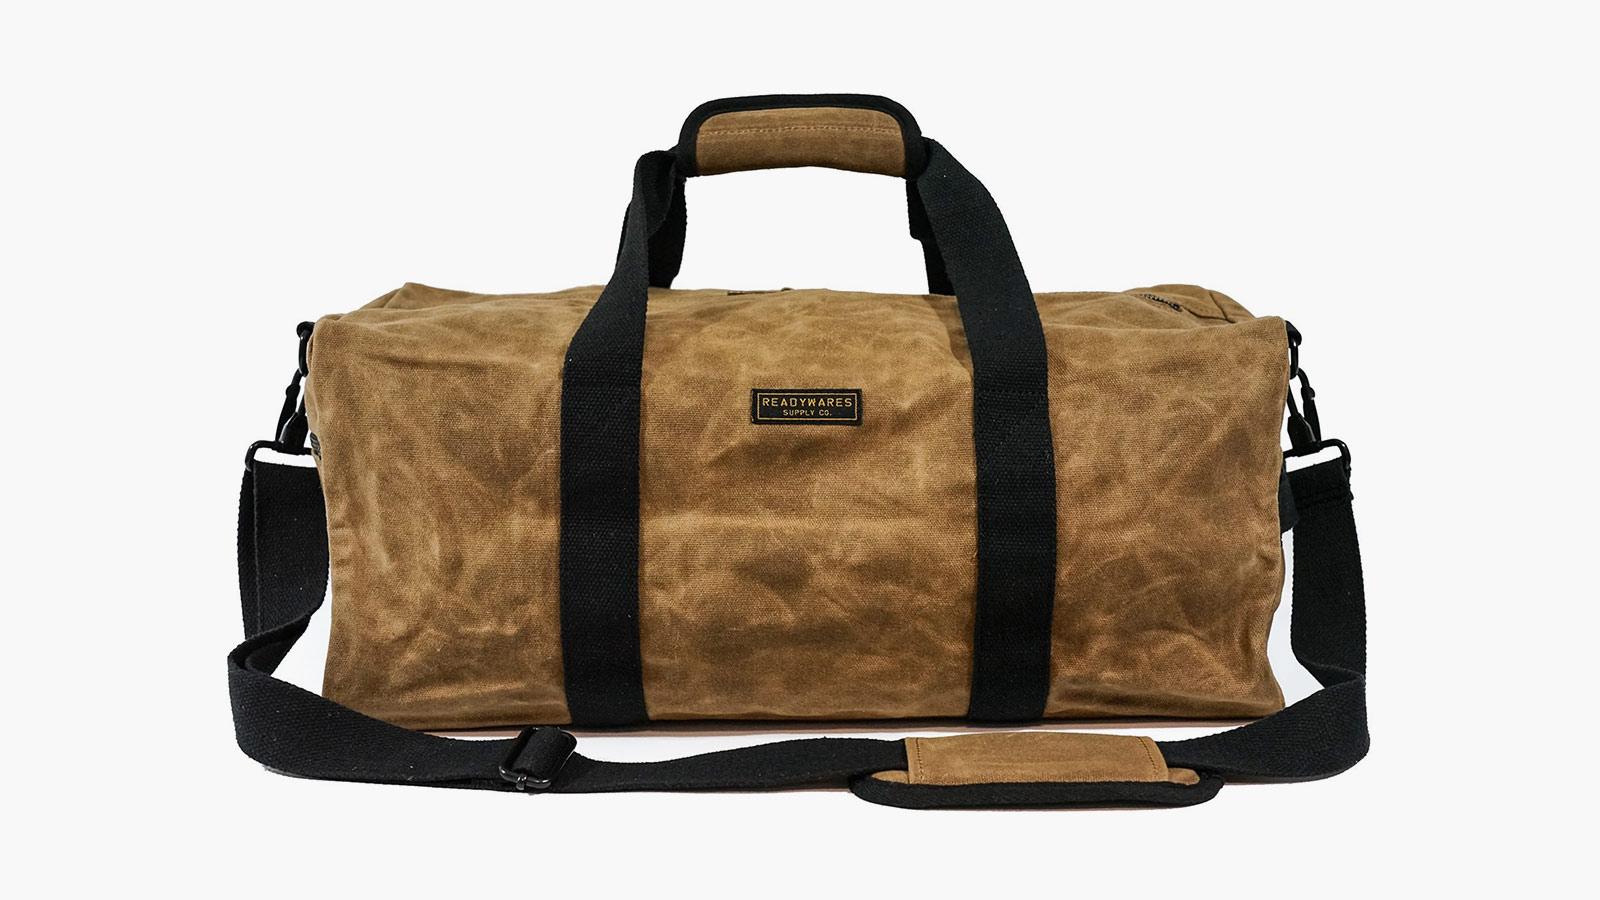 Readywares Waxed Canvas Duffel Bag